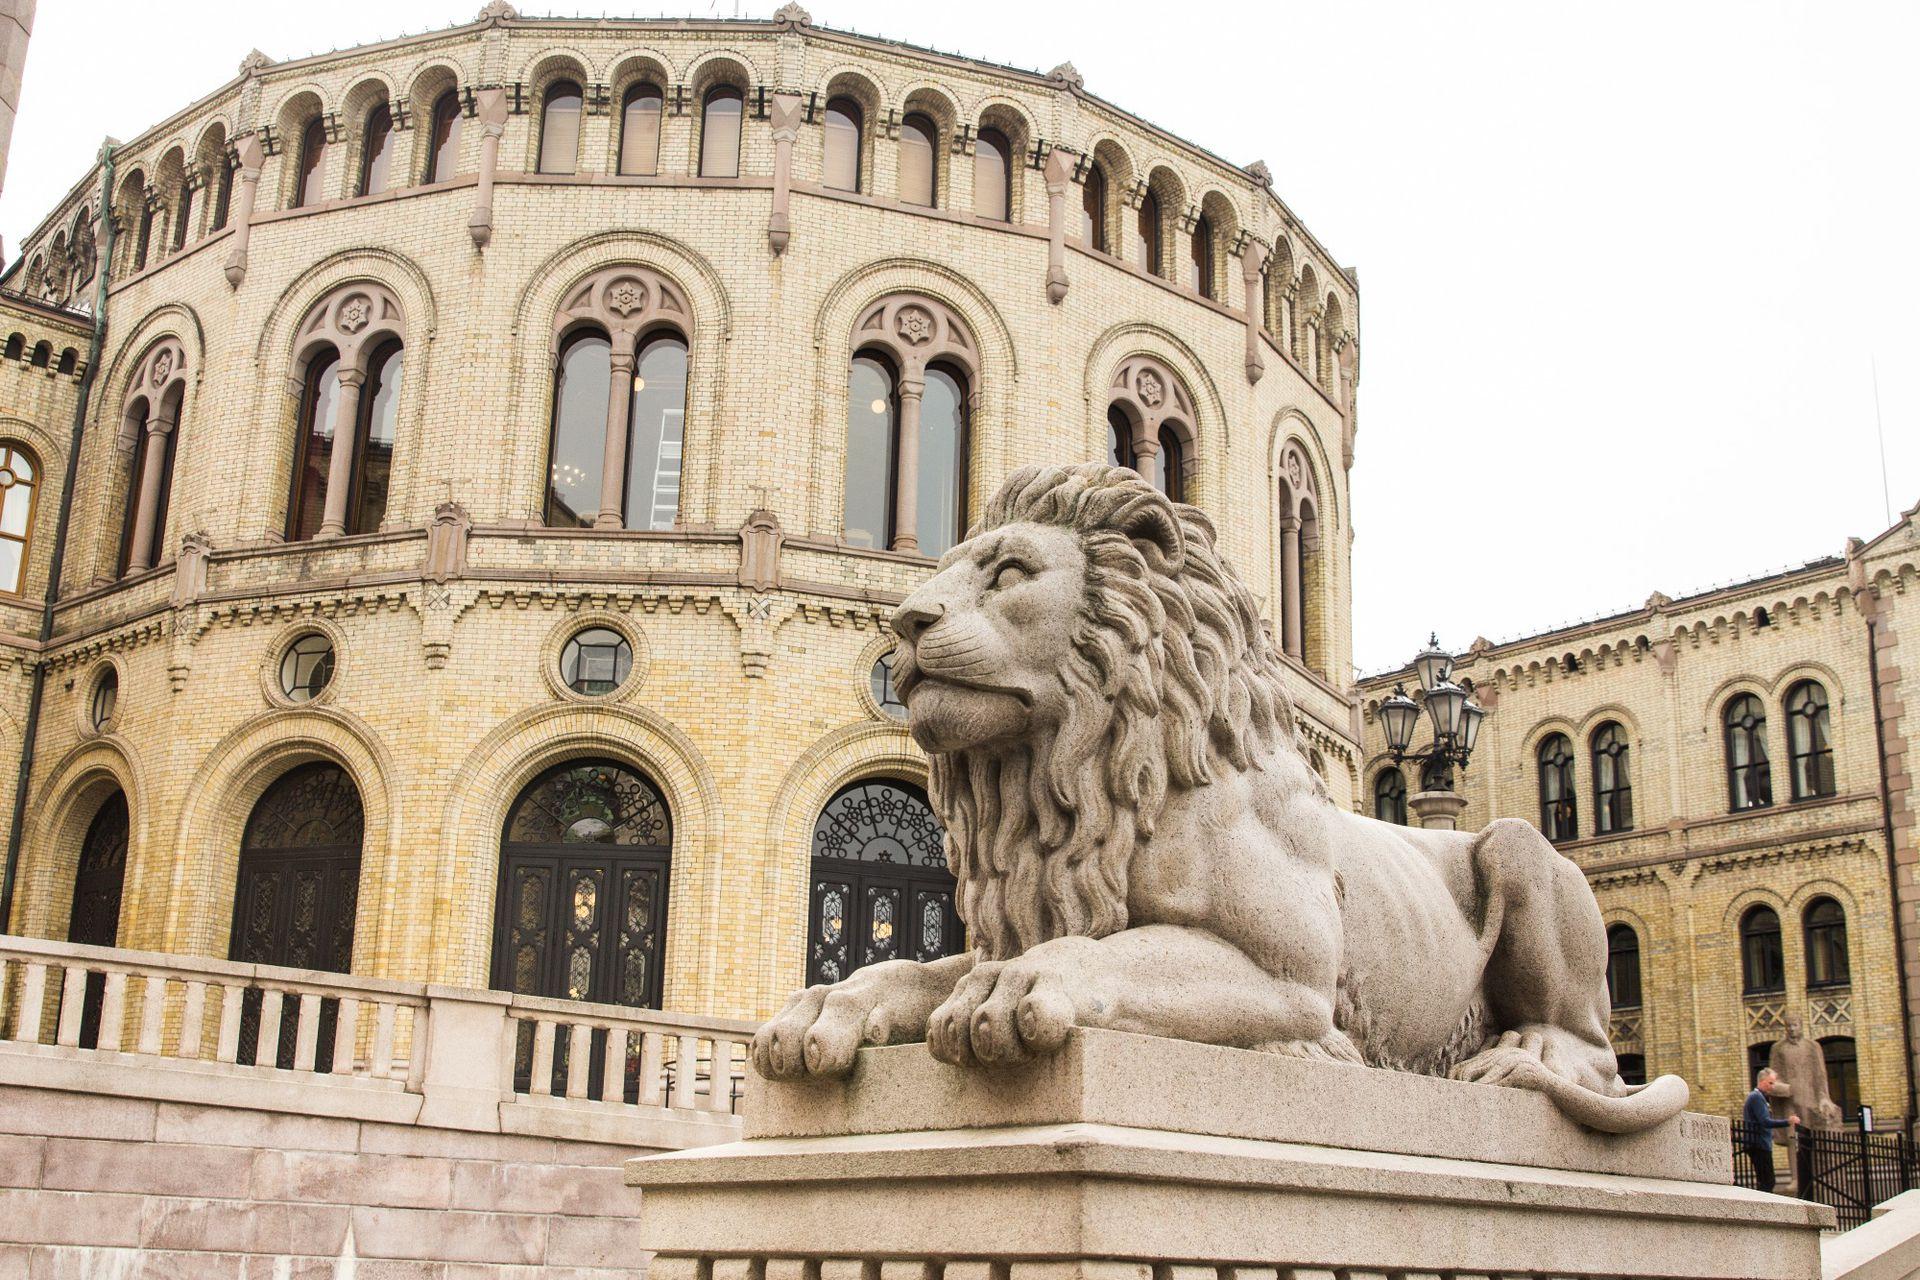 El parlamento de Noruega o Stortinget, en Karl Johans gate, se terminó de construir en 1866 y es obra del arquitecto Víctor Langlet.